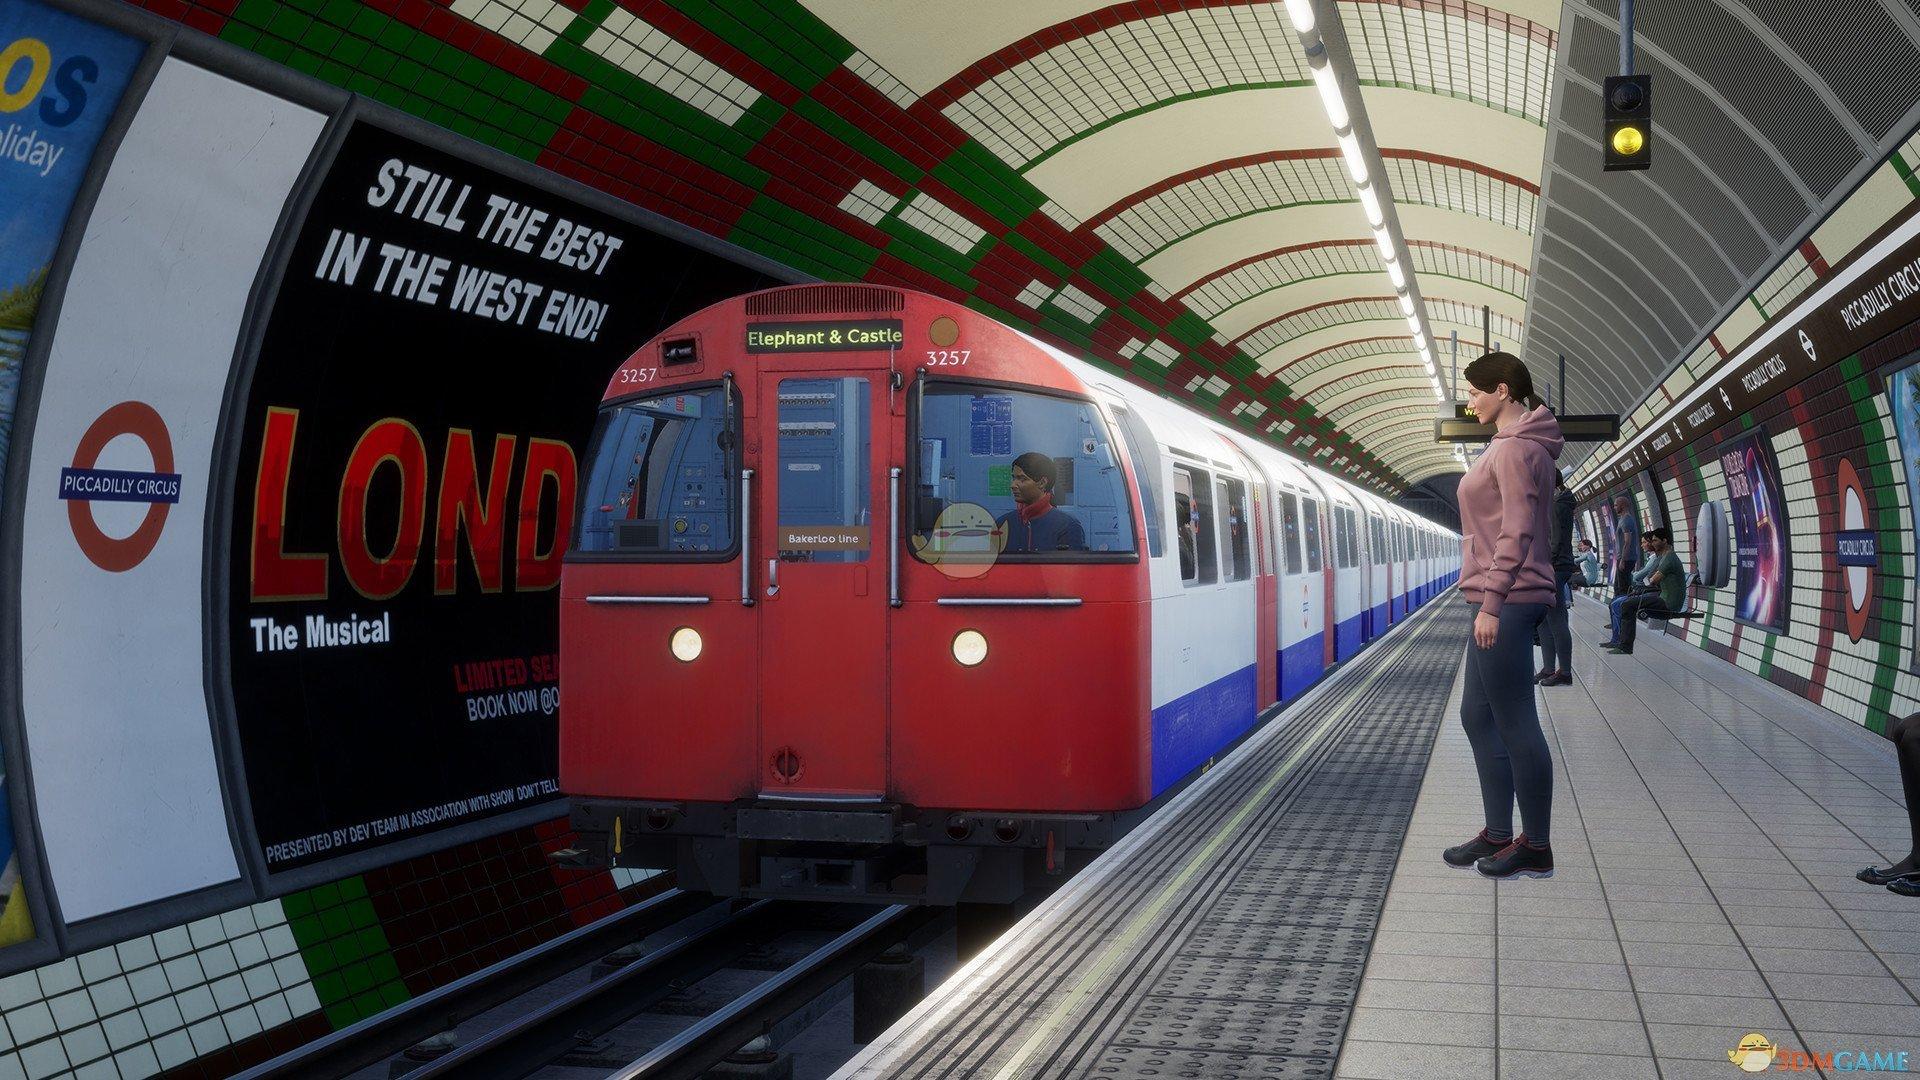 《模拟火车世界2》游戏特色内容一览